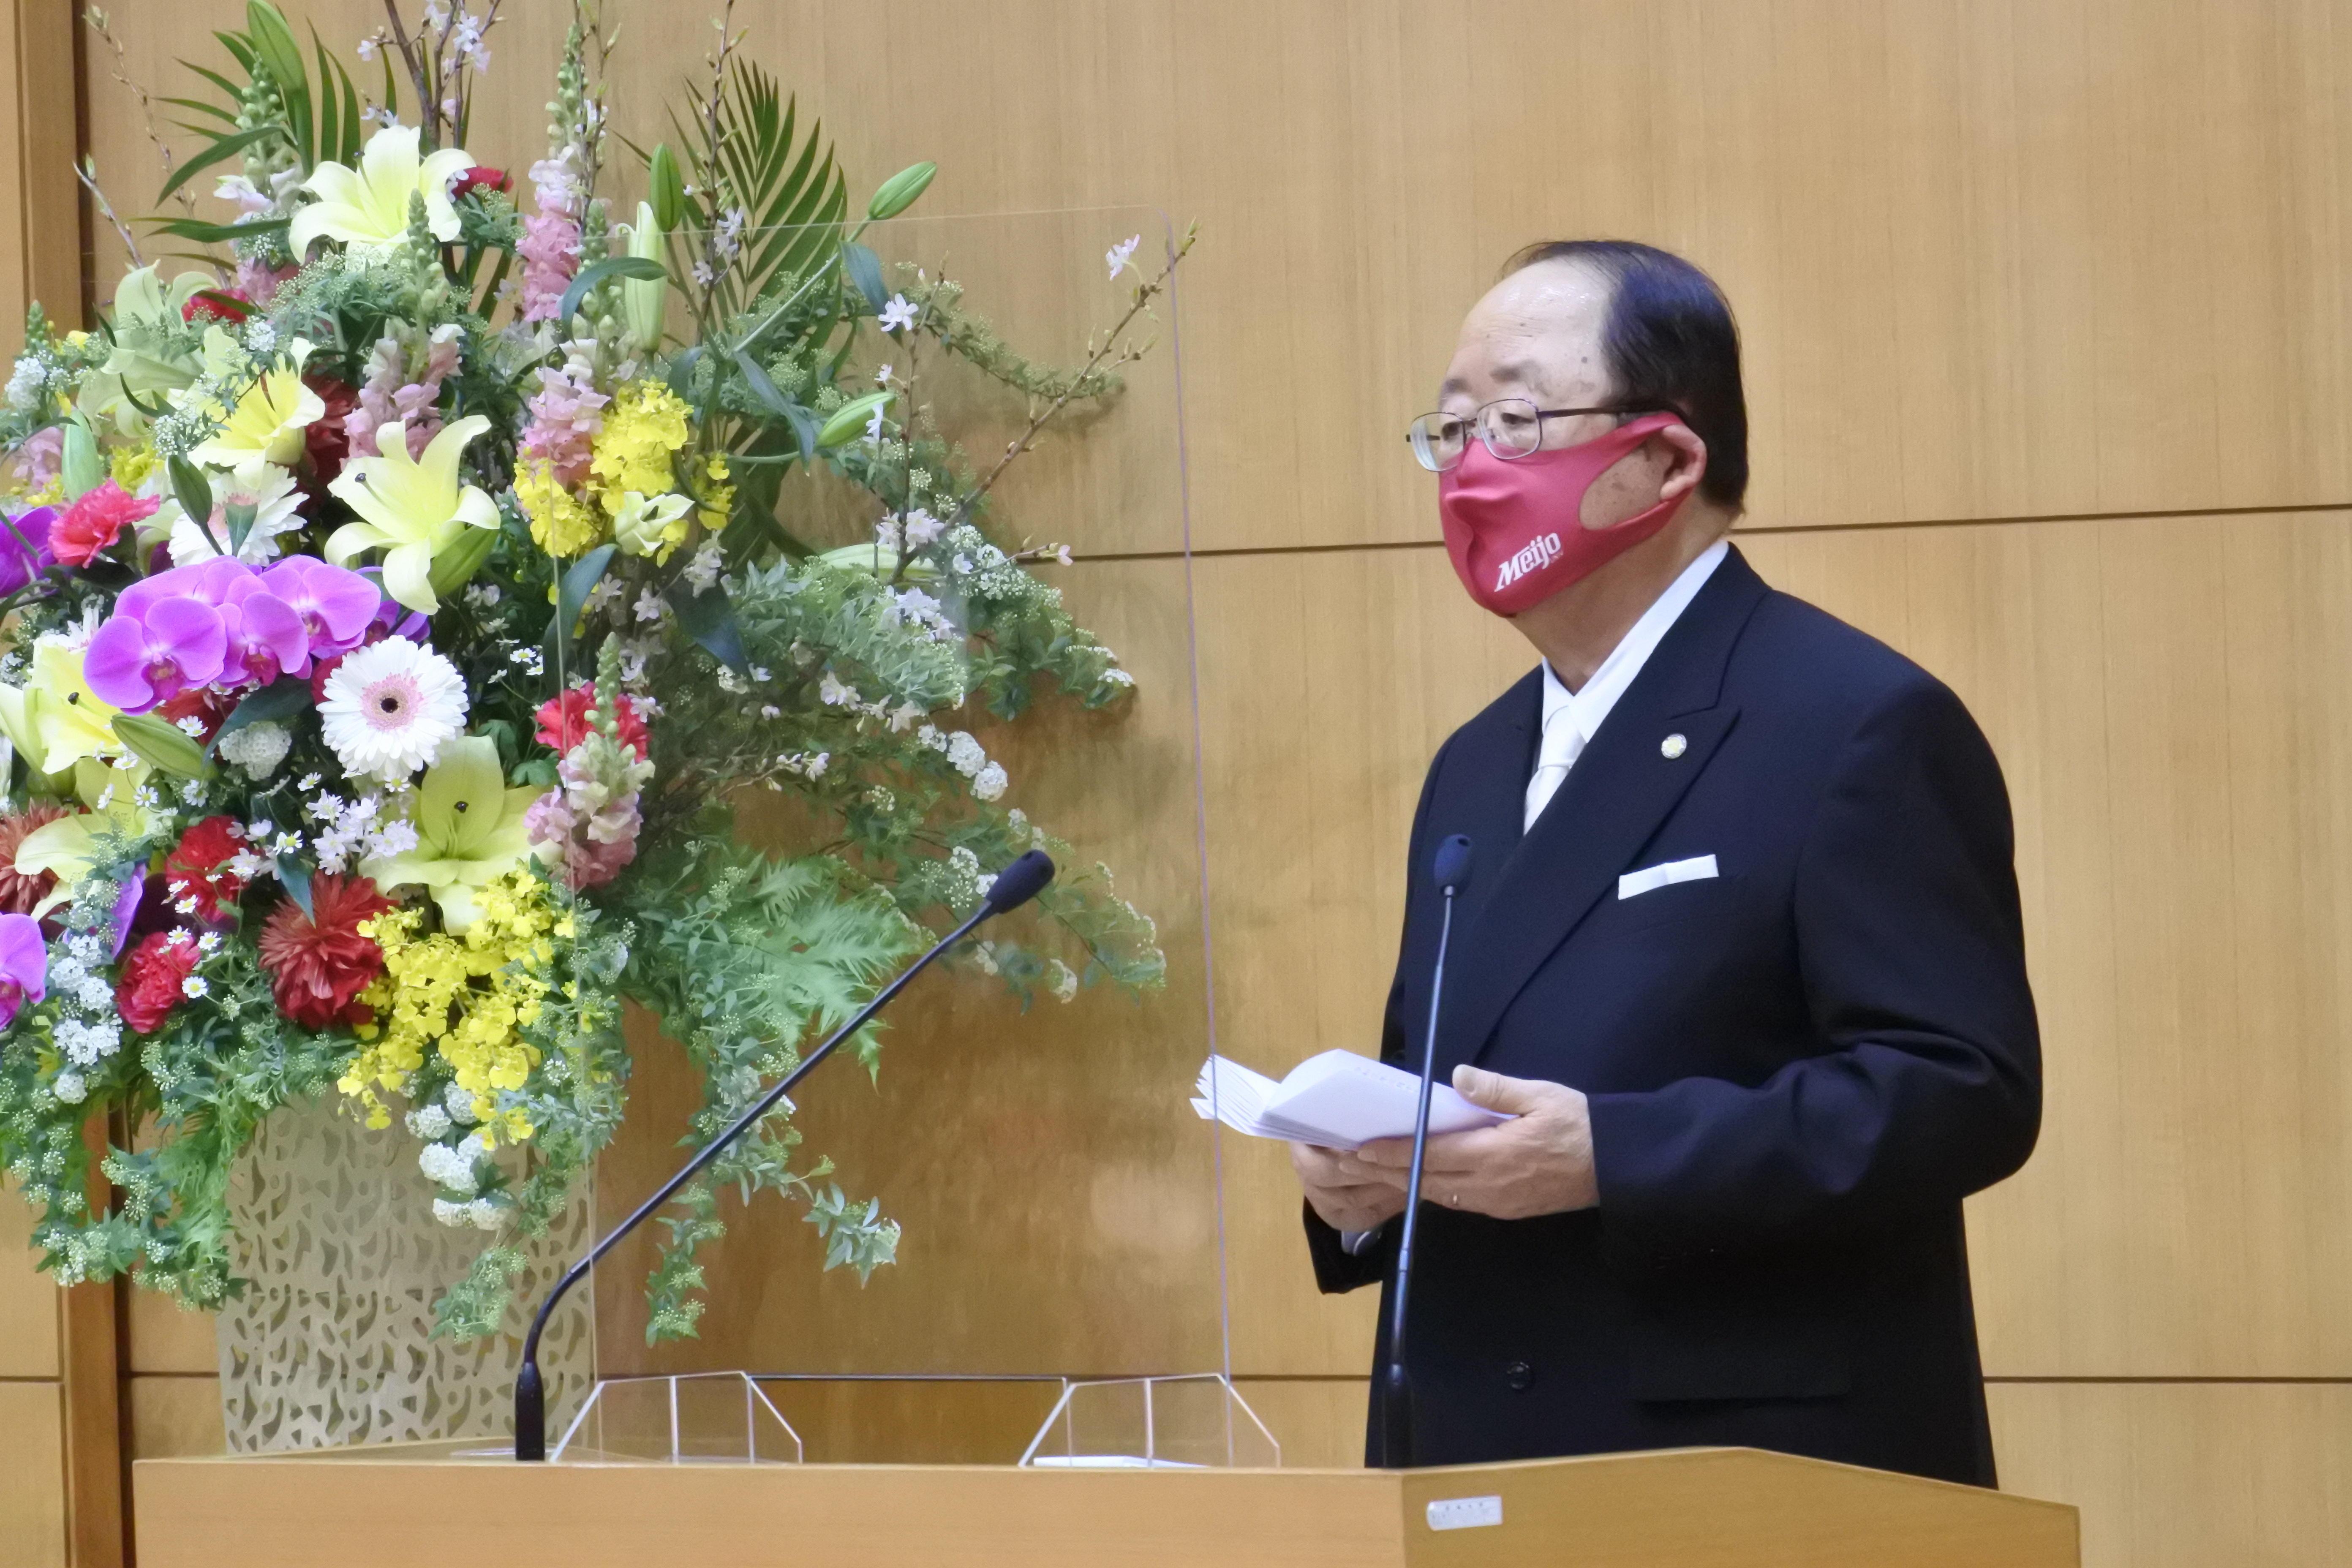 祝辞を述べる立花貞司理事長